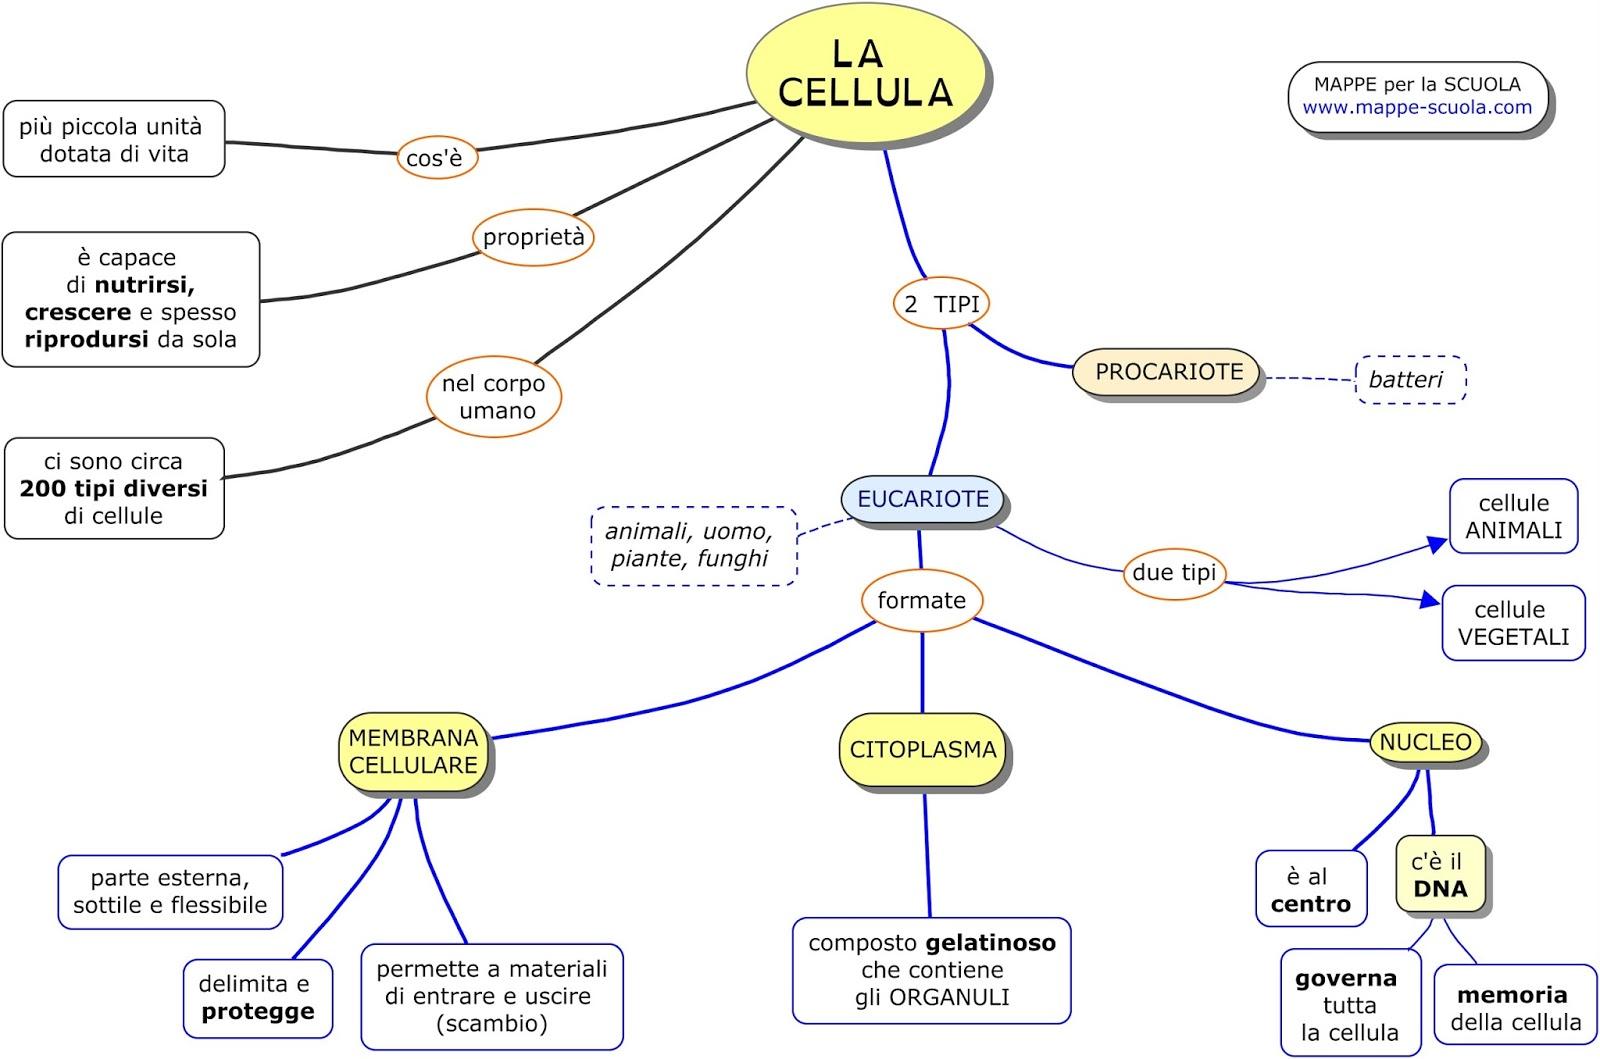 Eccezionale MAPPE per la SCUOLA: LA CELLULA, EUCARIOTA e PROCARIOTA MV25